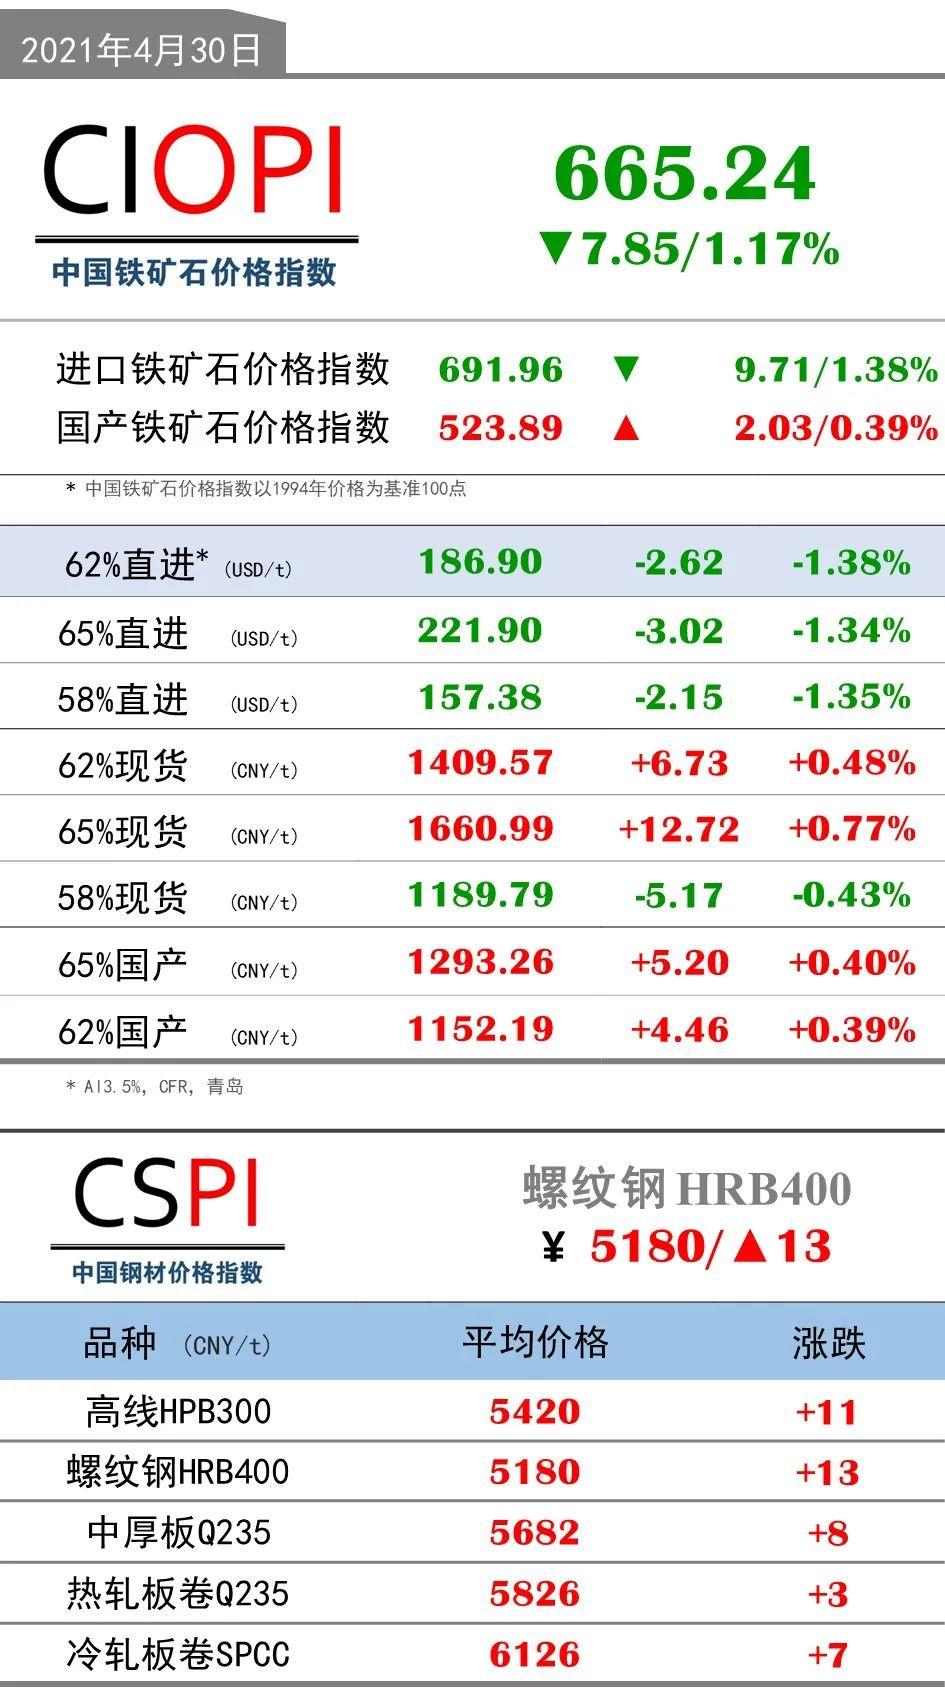 4月30日OPI 62%直进:186.90(-2.62/-1.38%)